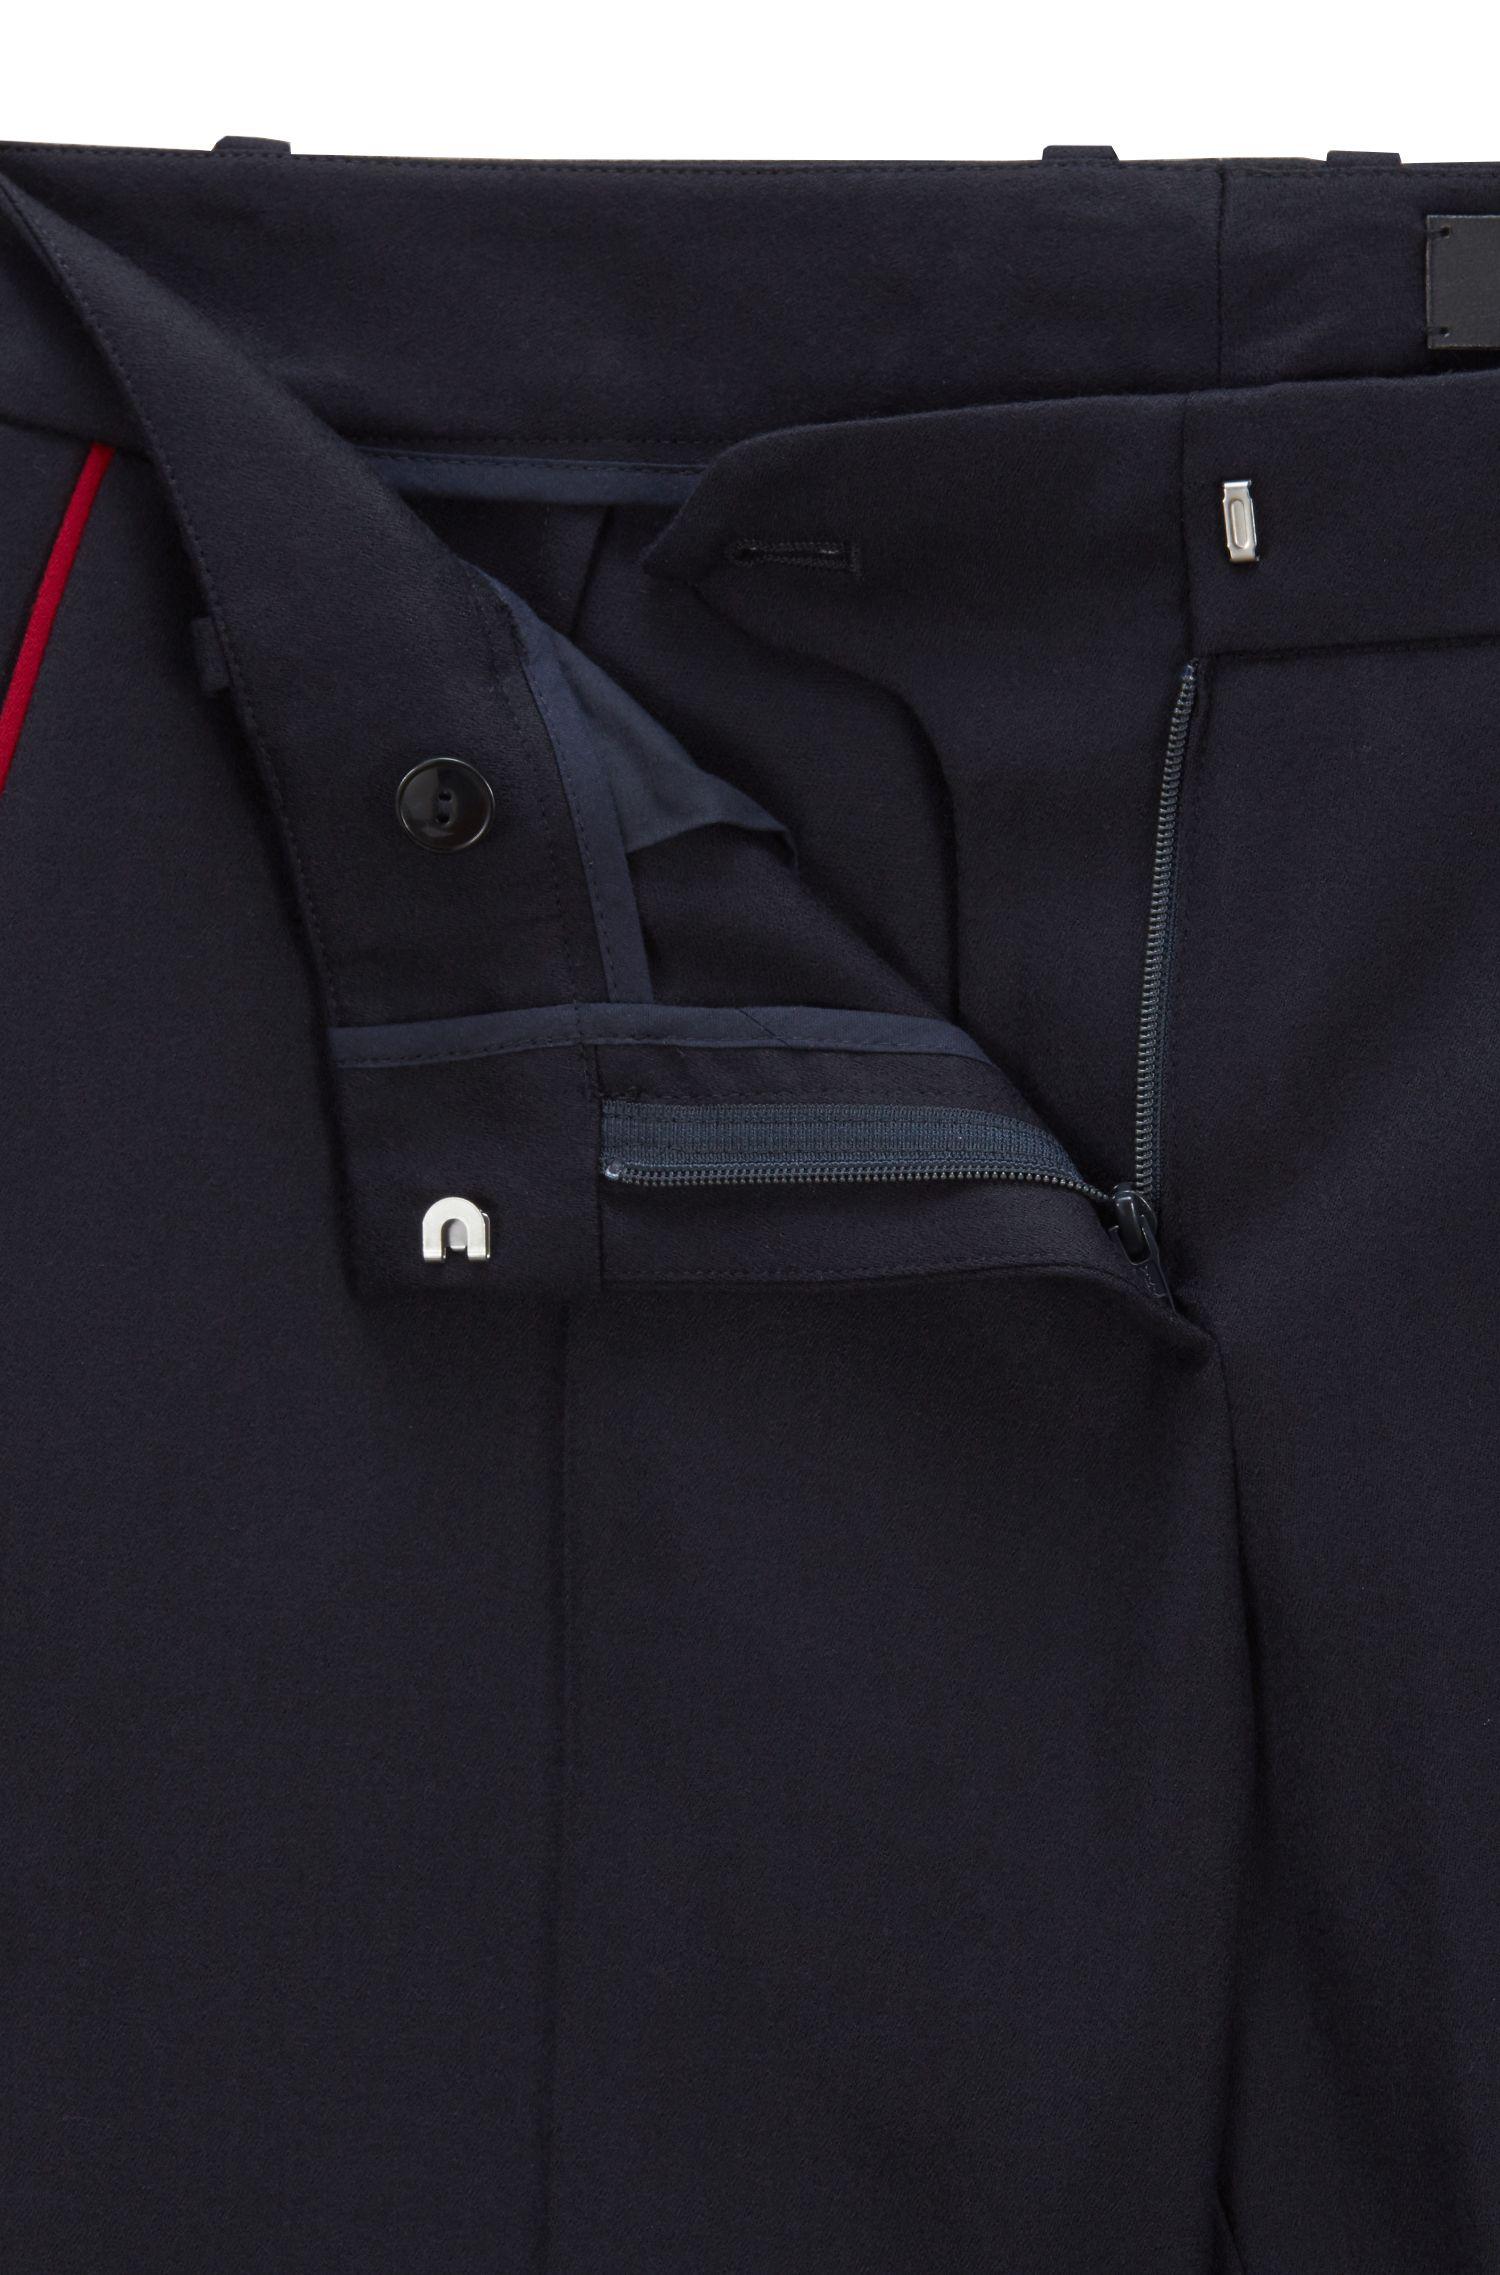 Made in Germany kortere broek met bootcut pijpen, Donkerblauw